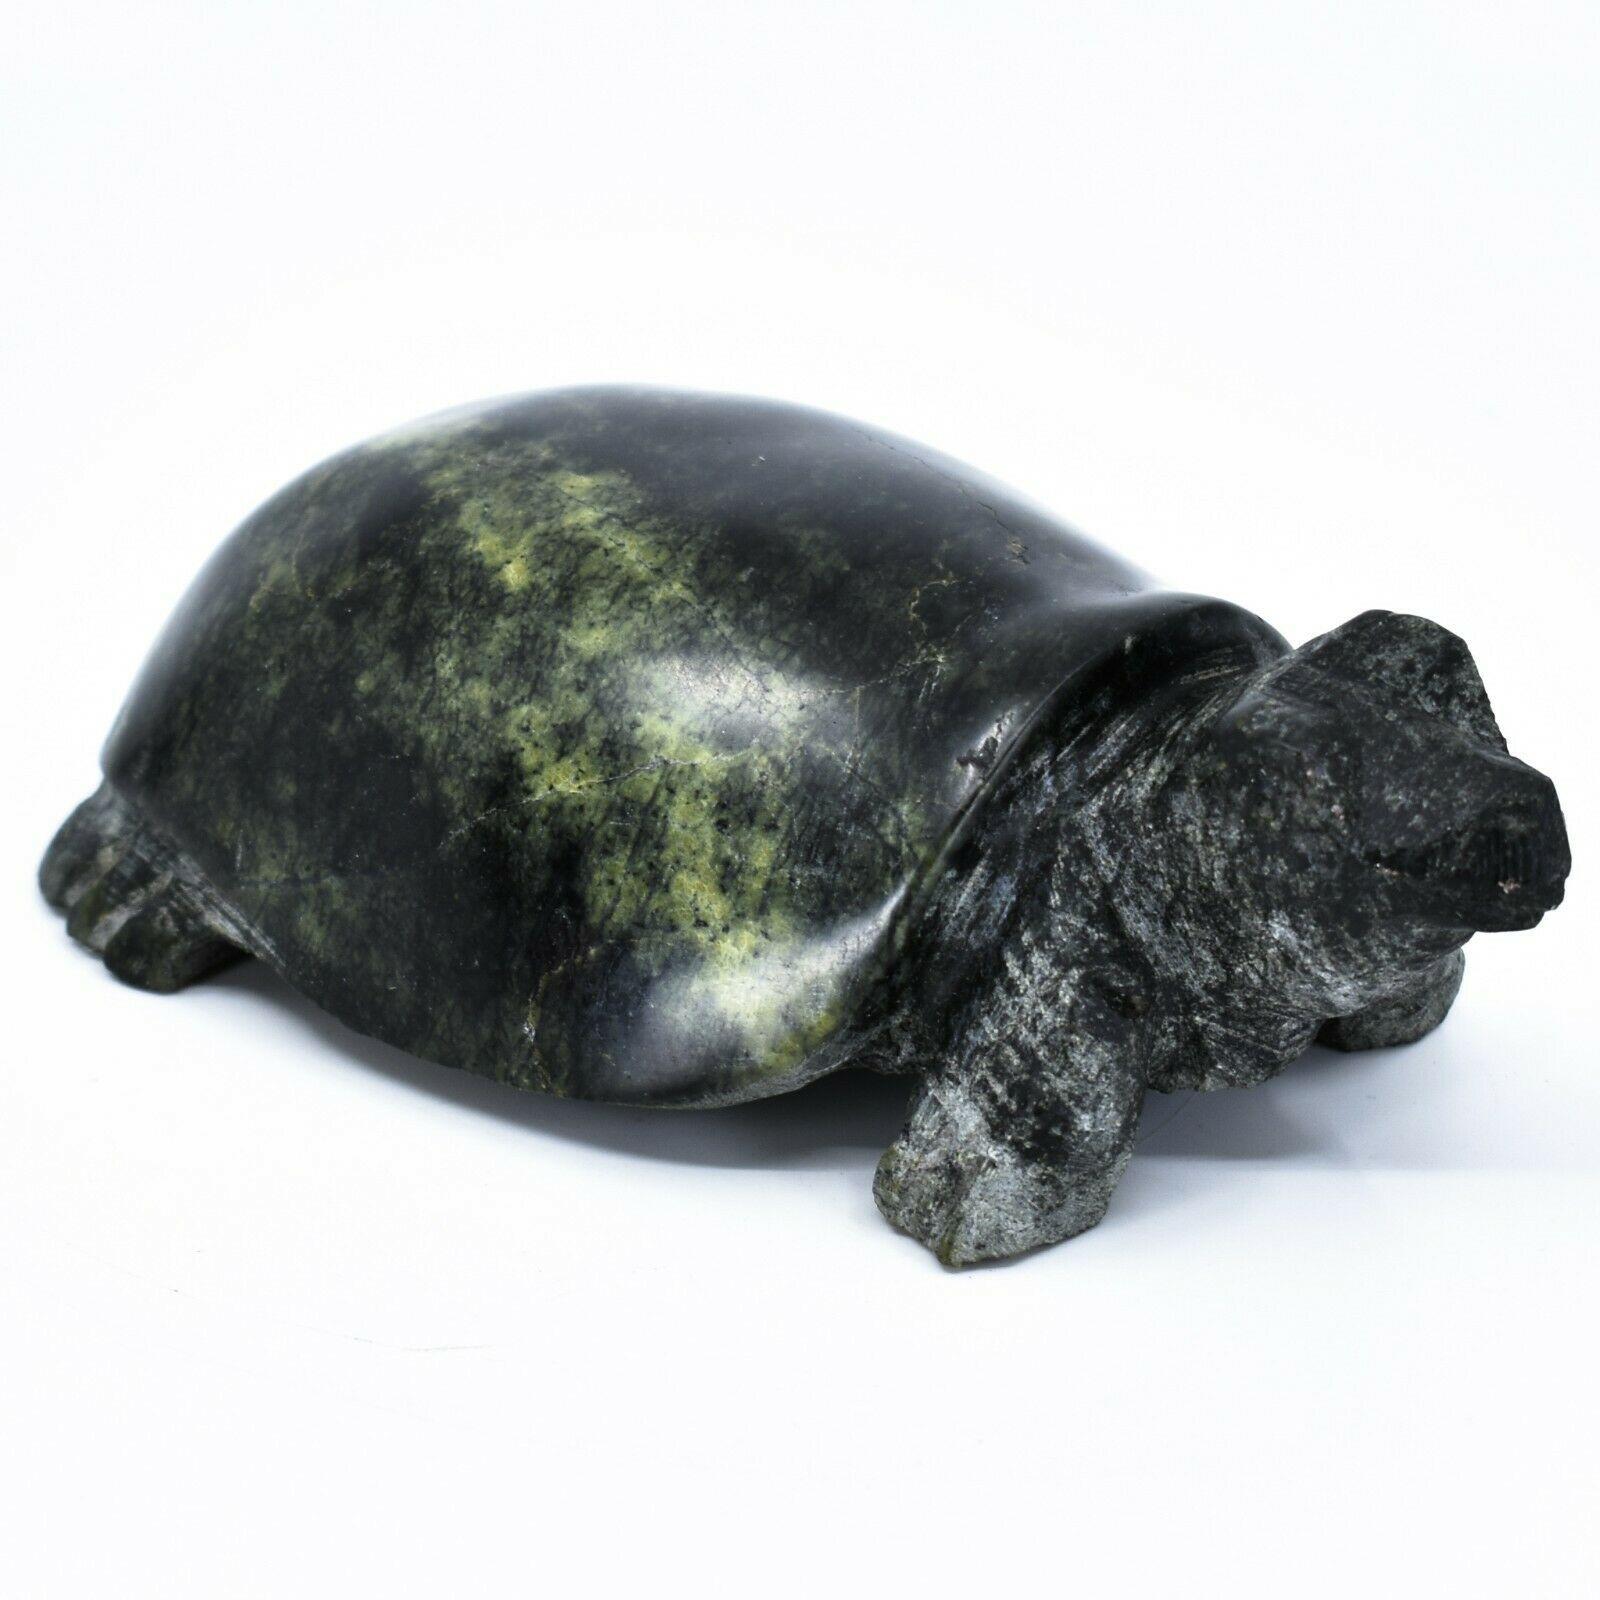 Hand Carved Zimbabwean Serpentine Stone Box Turtle Sculpture Figurine